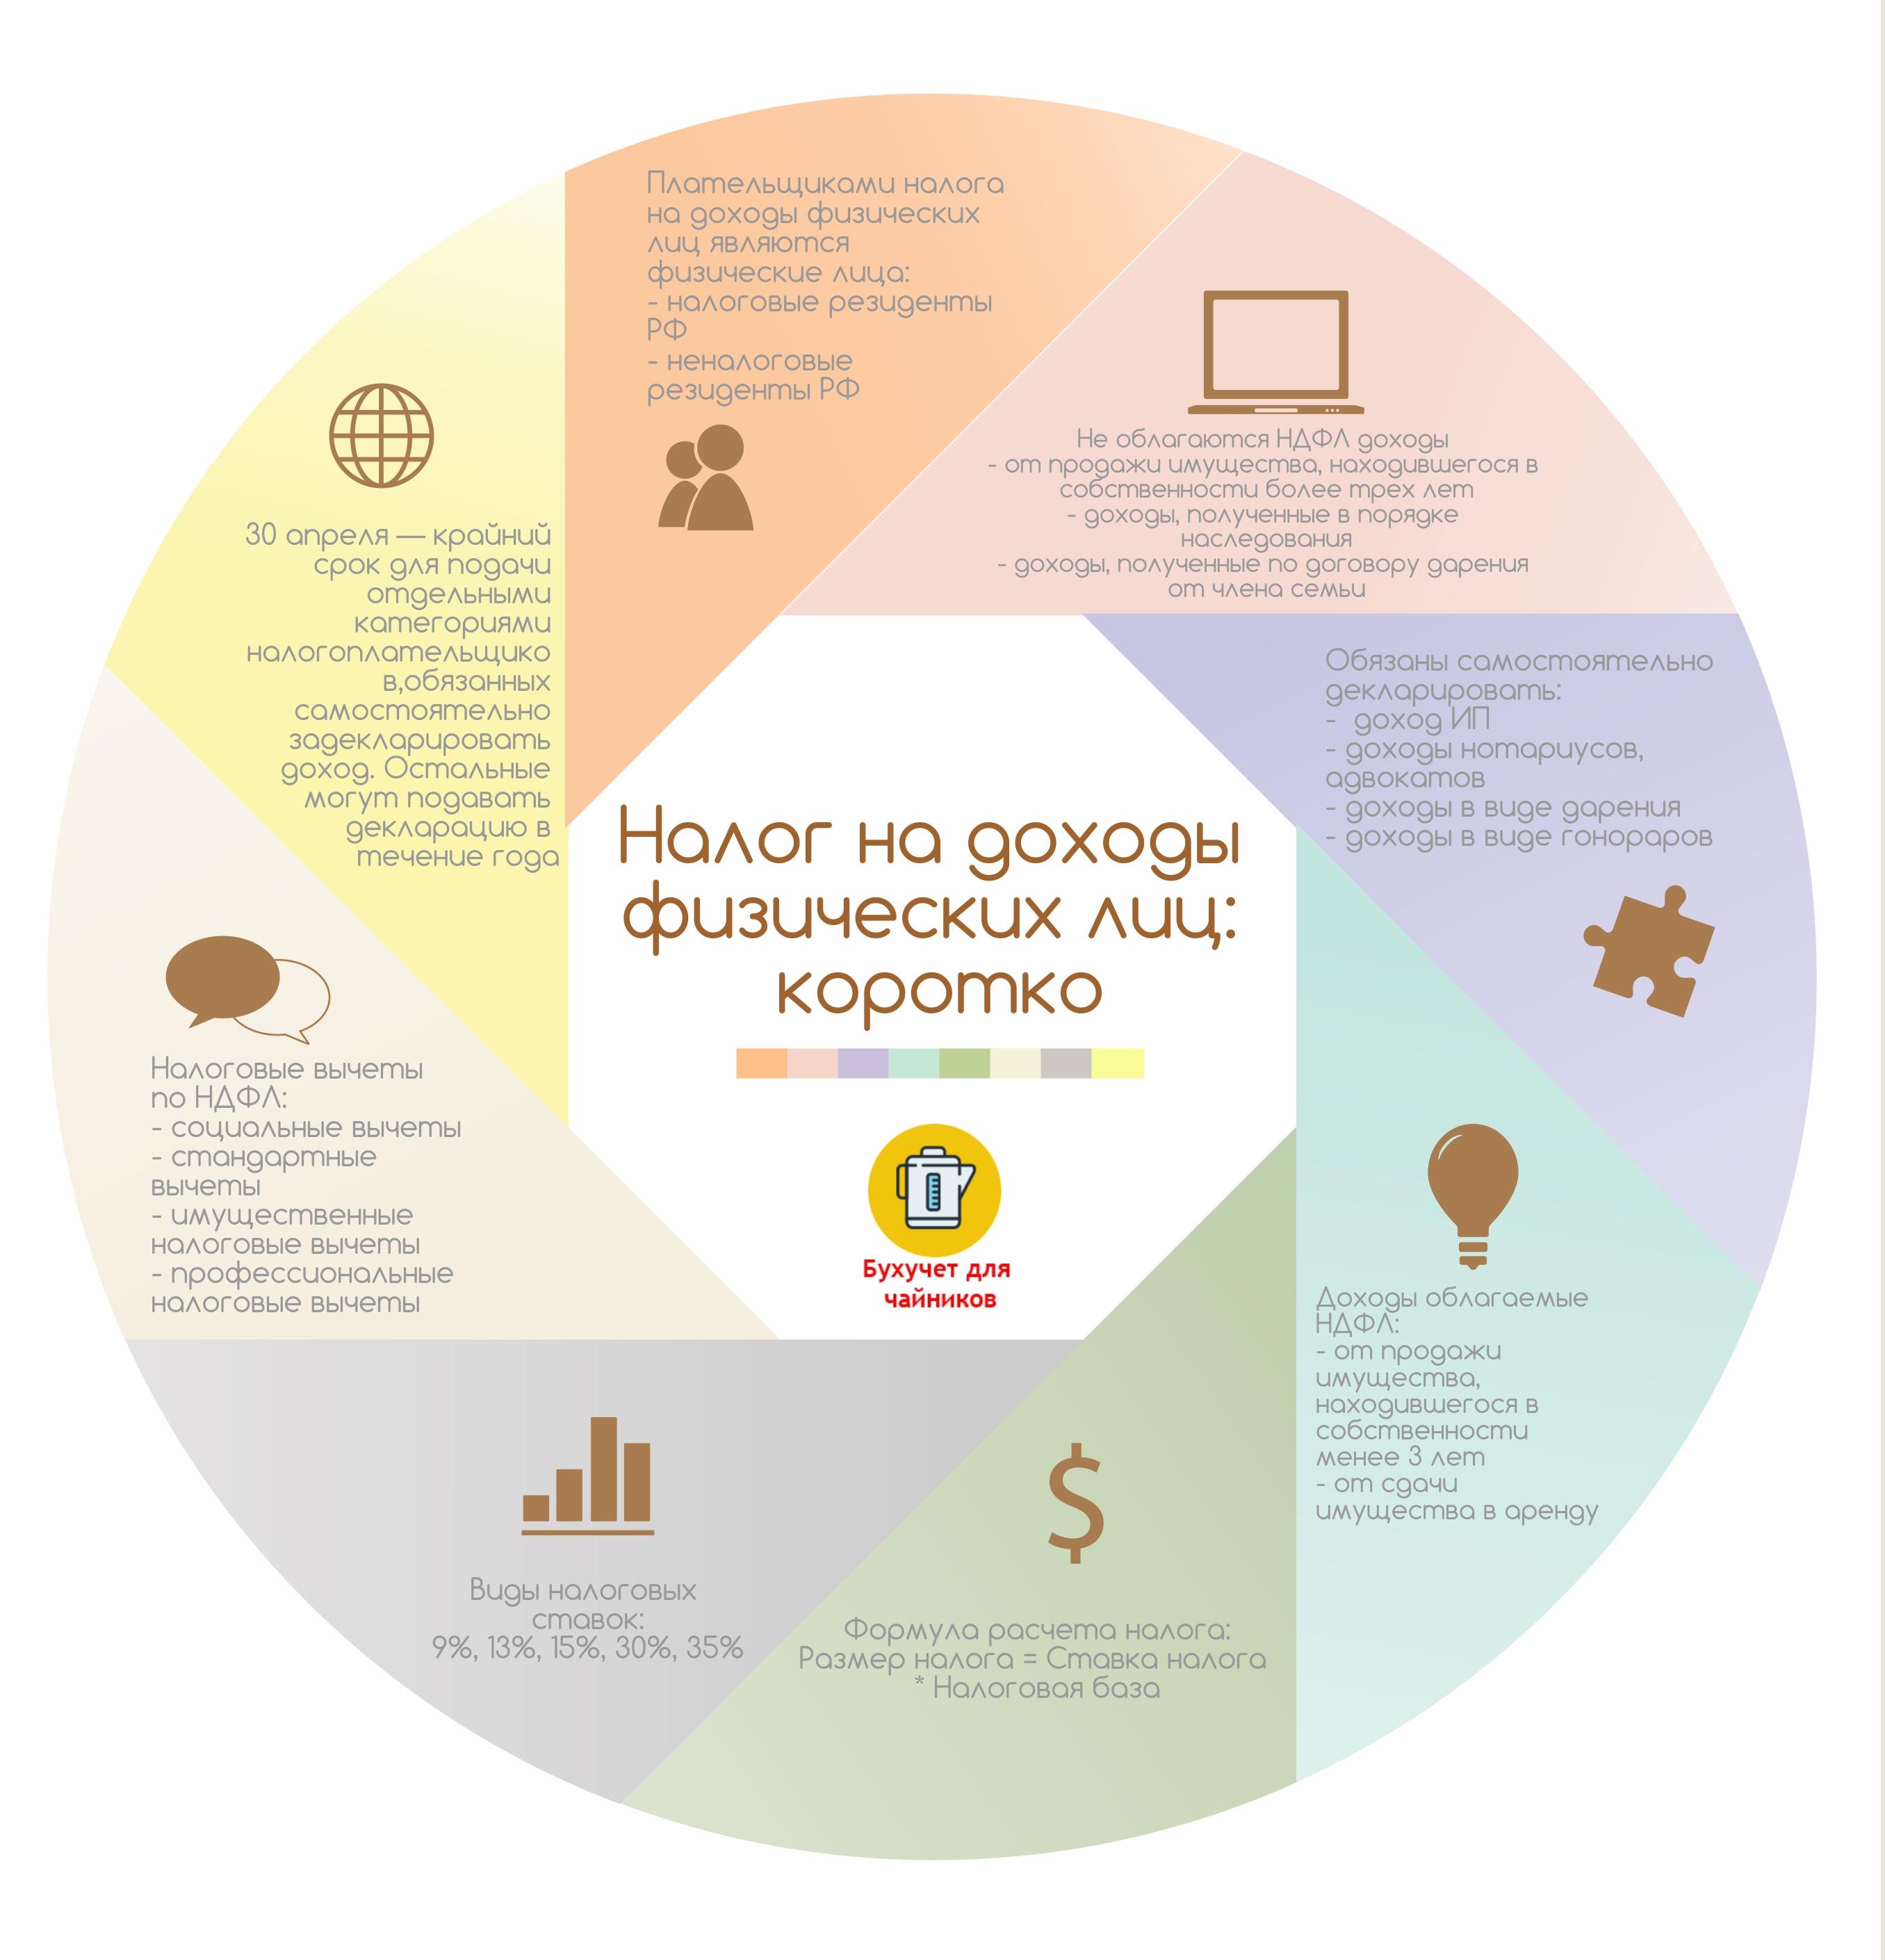 Налог на доходы физических лиц: инфографика